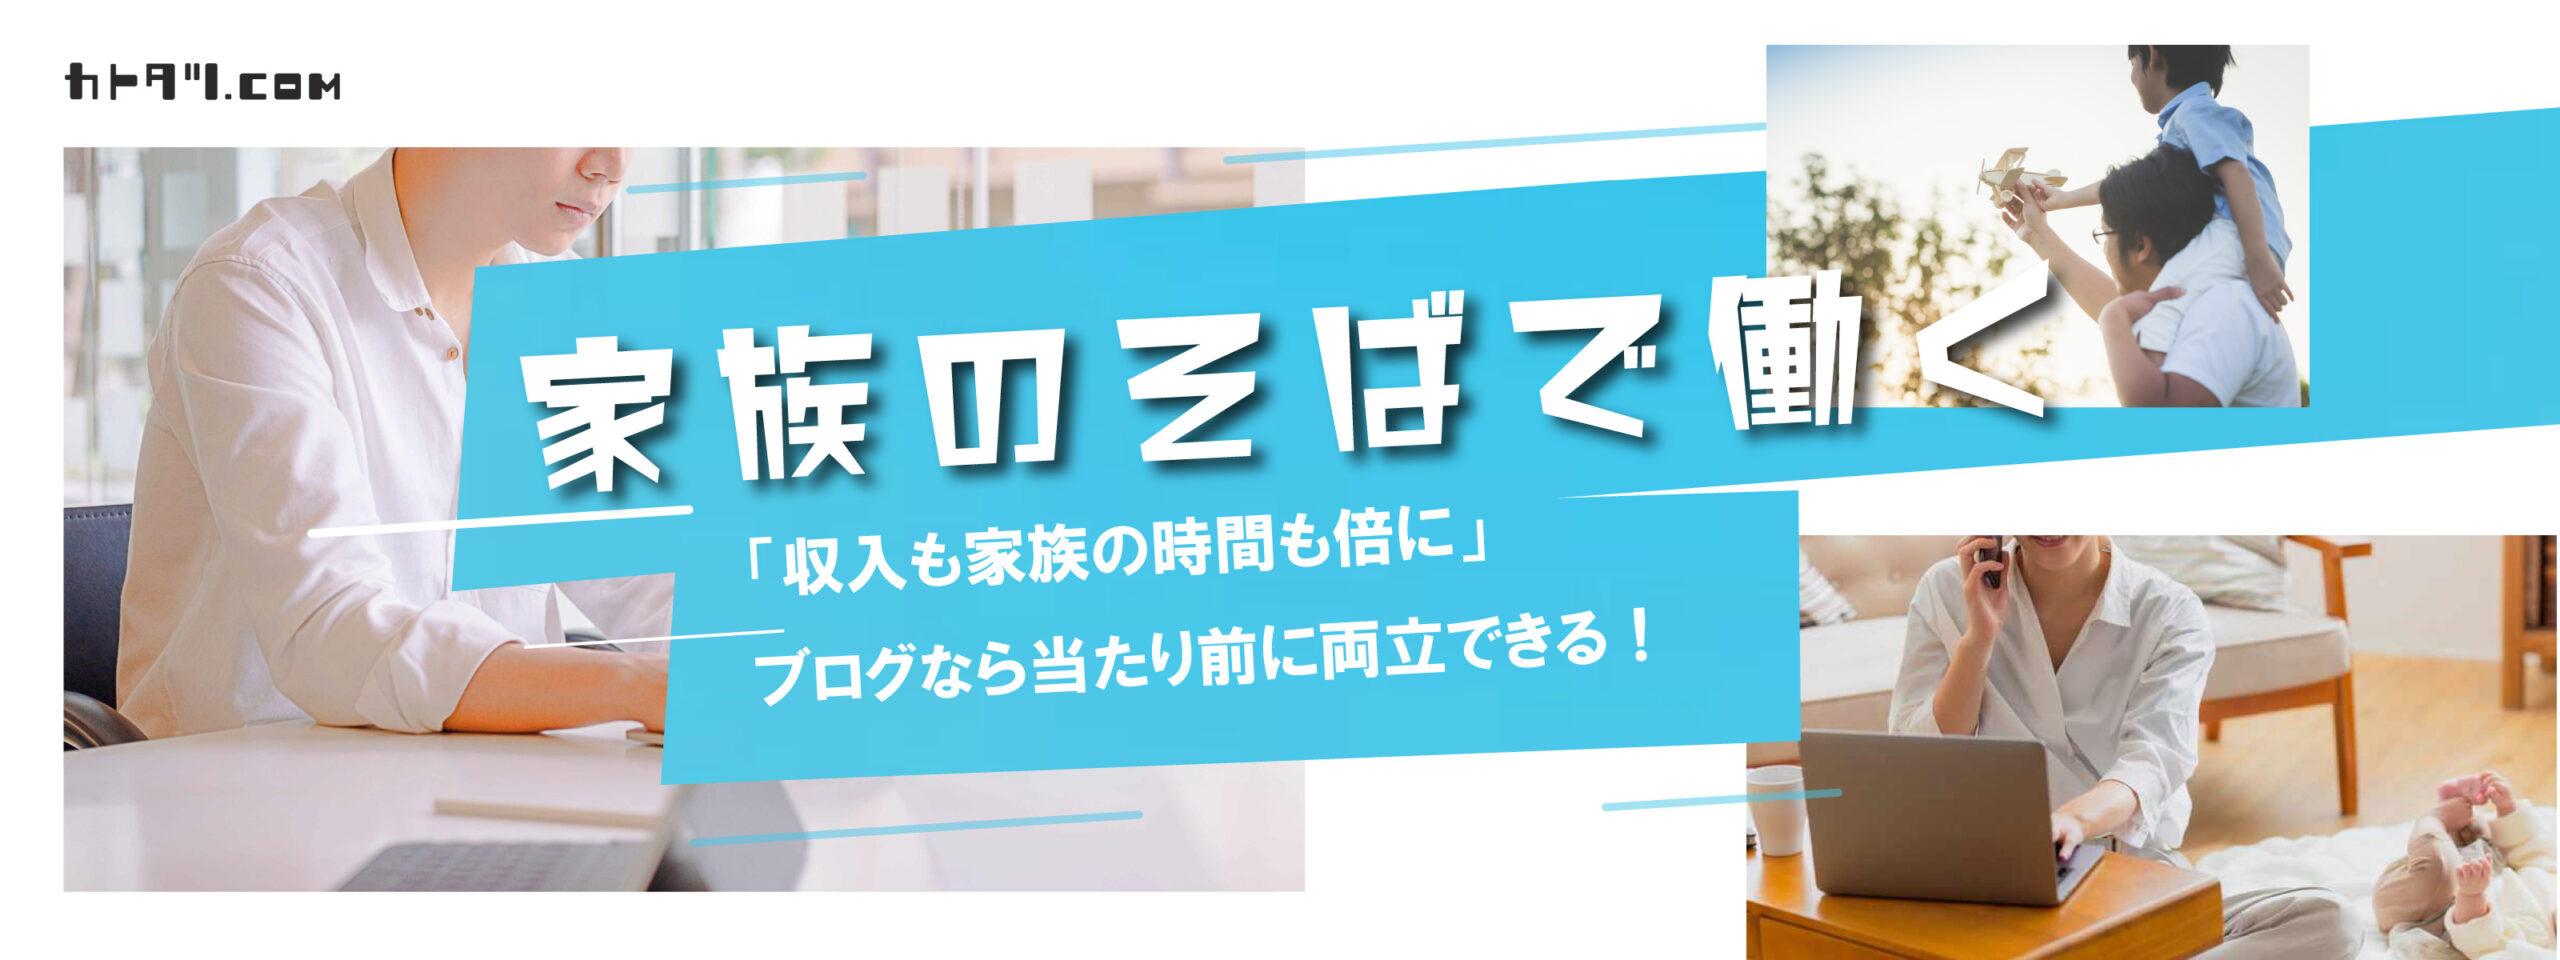 カトタツ.com